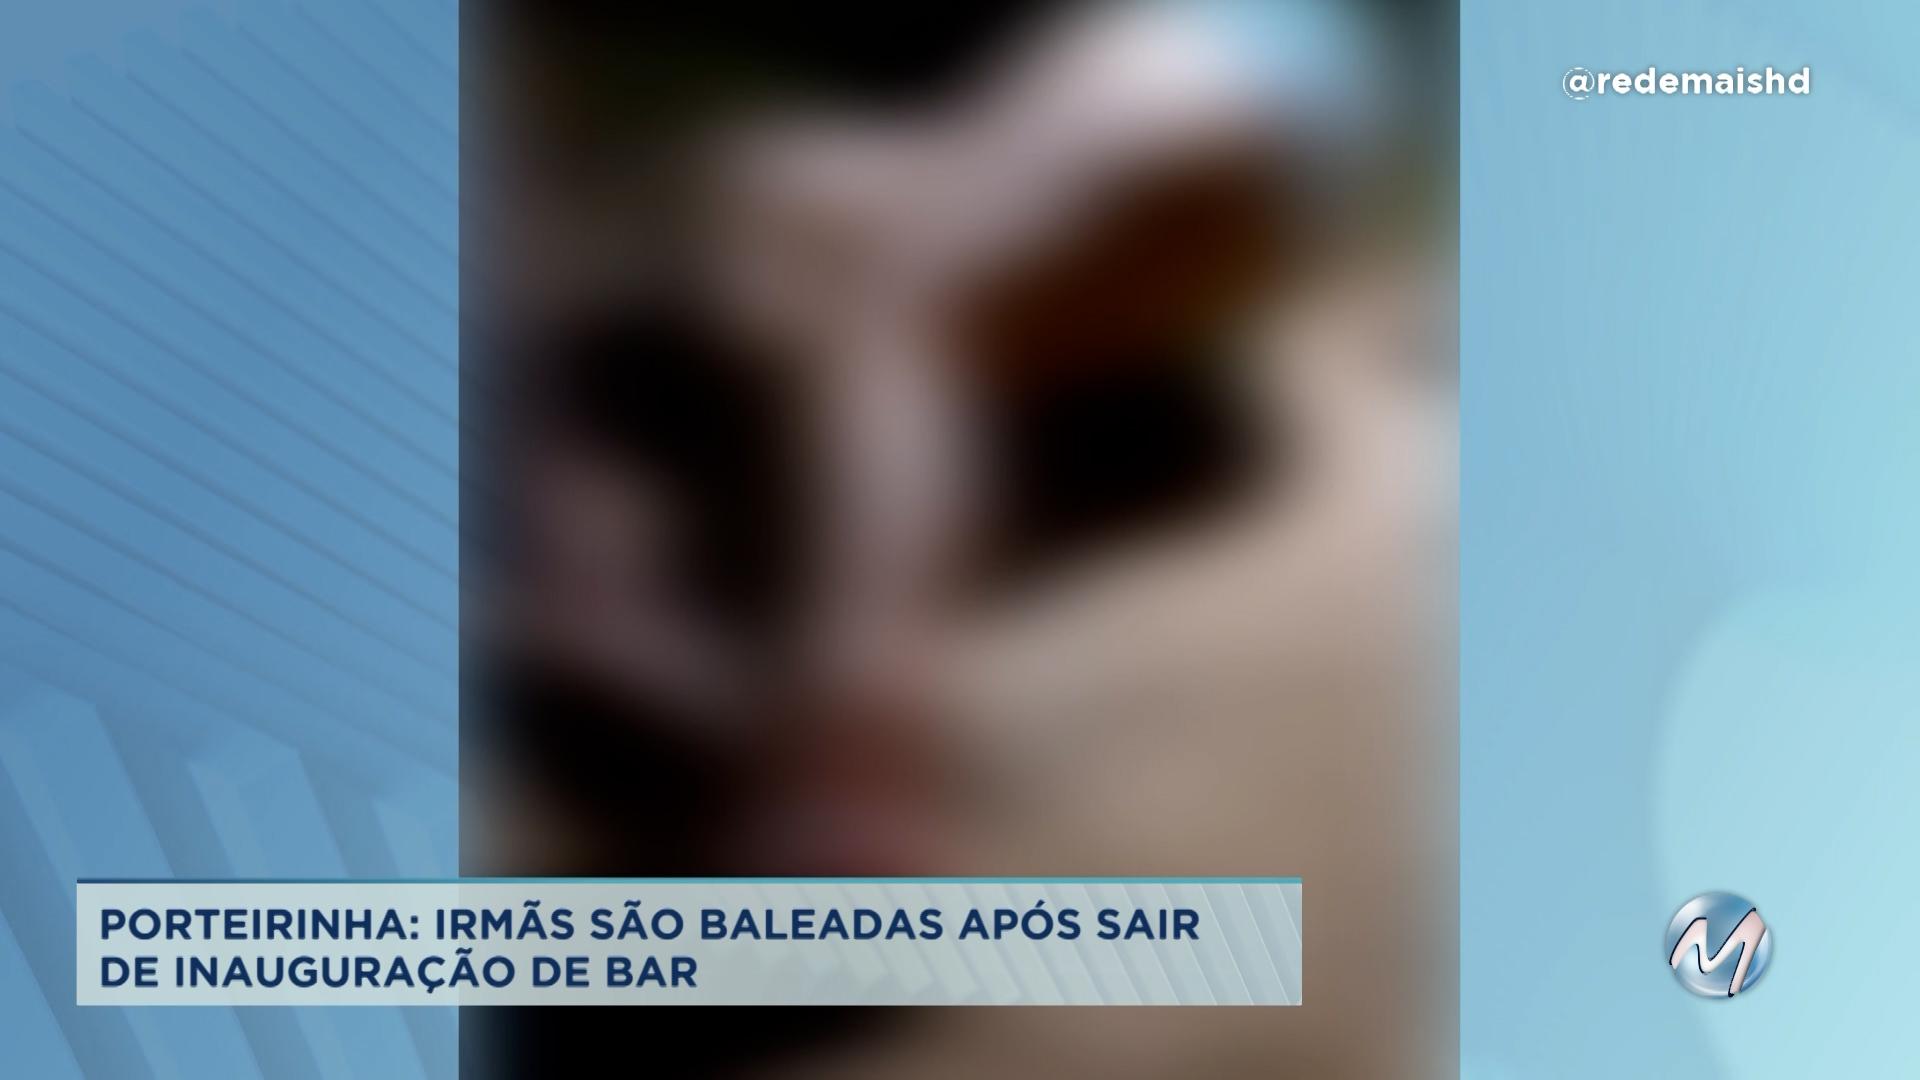 Porteirinha: irmãs são baleadas após bar ser inaugurado